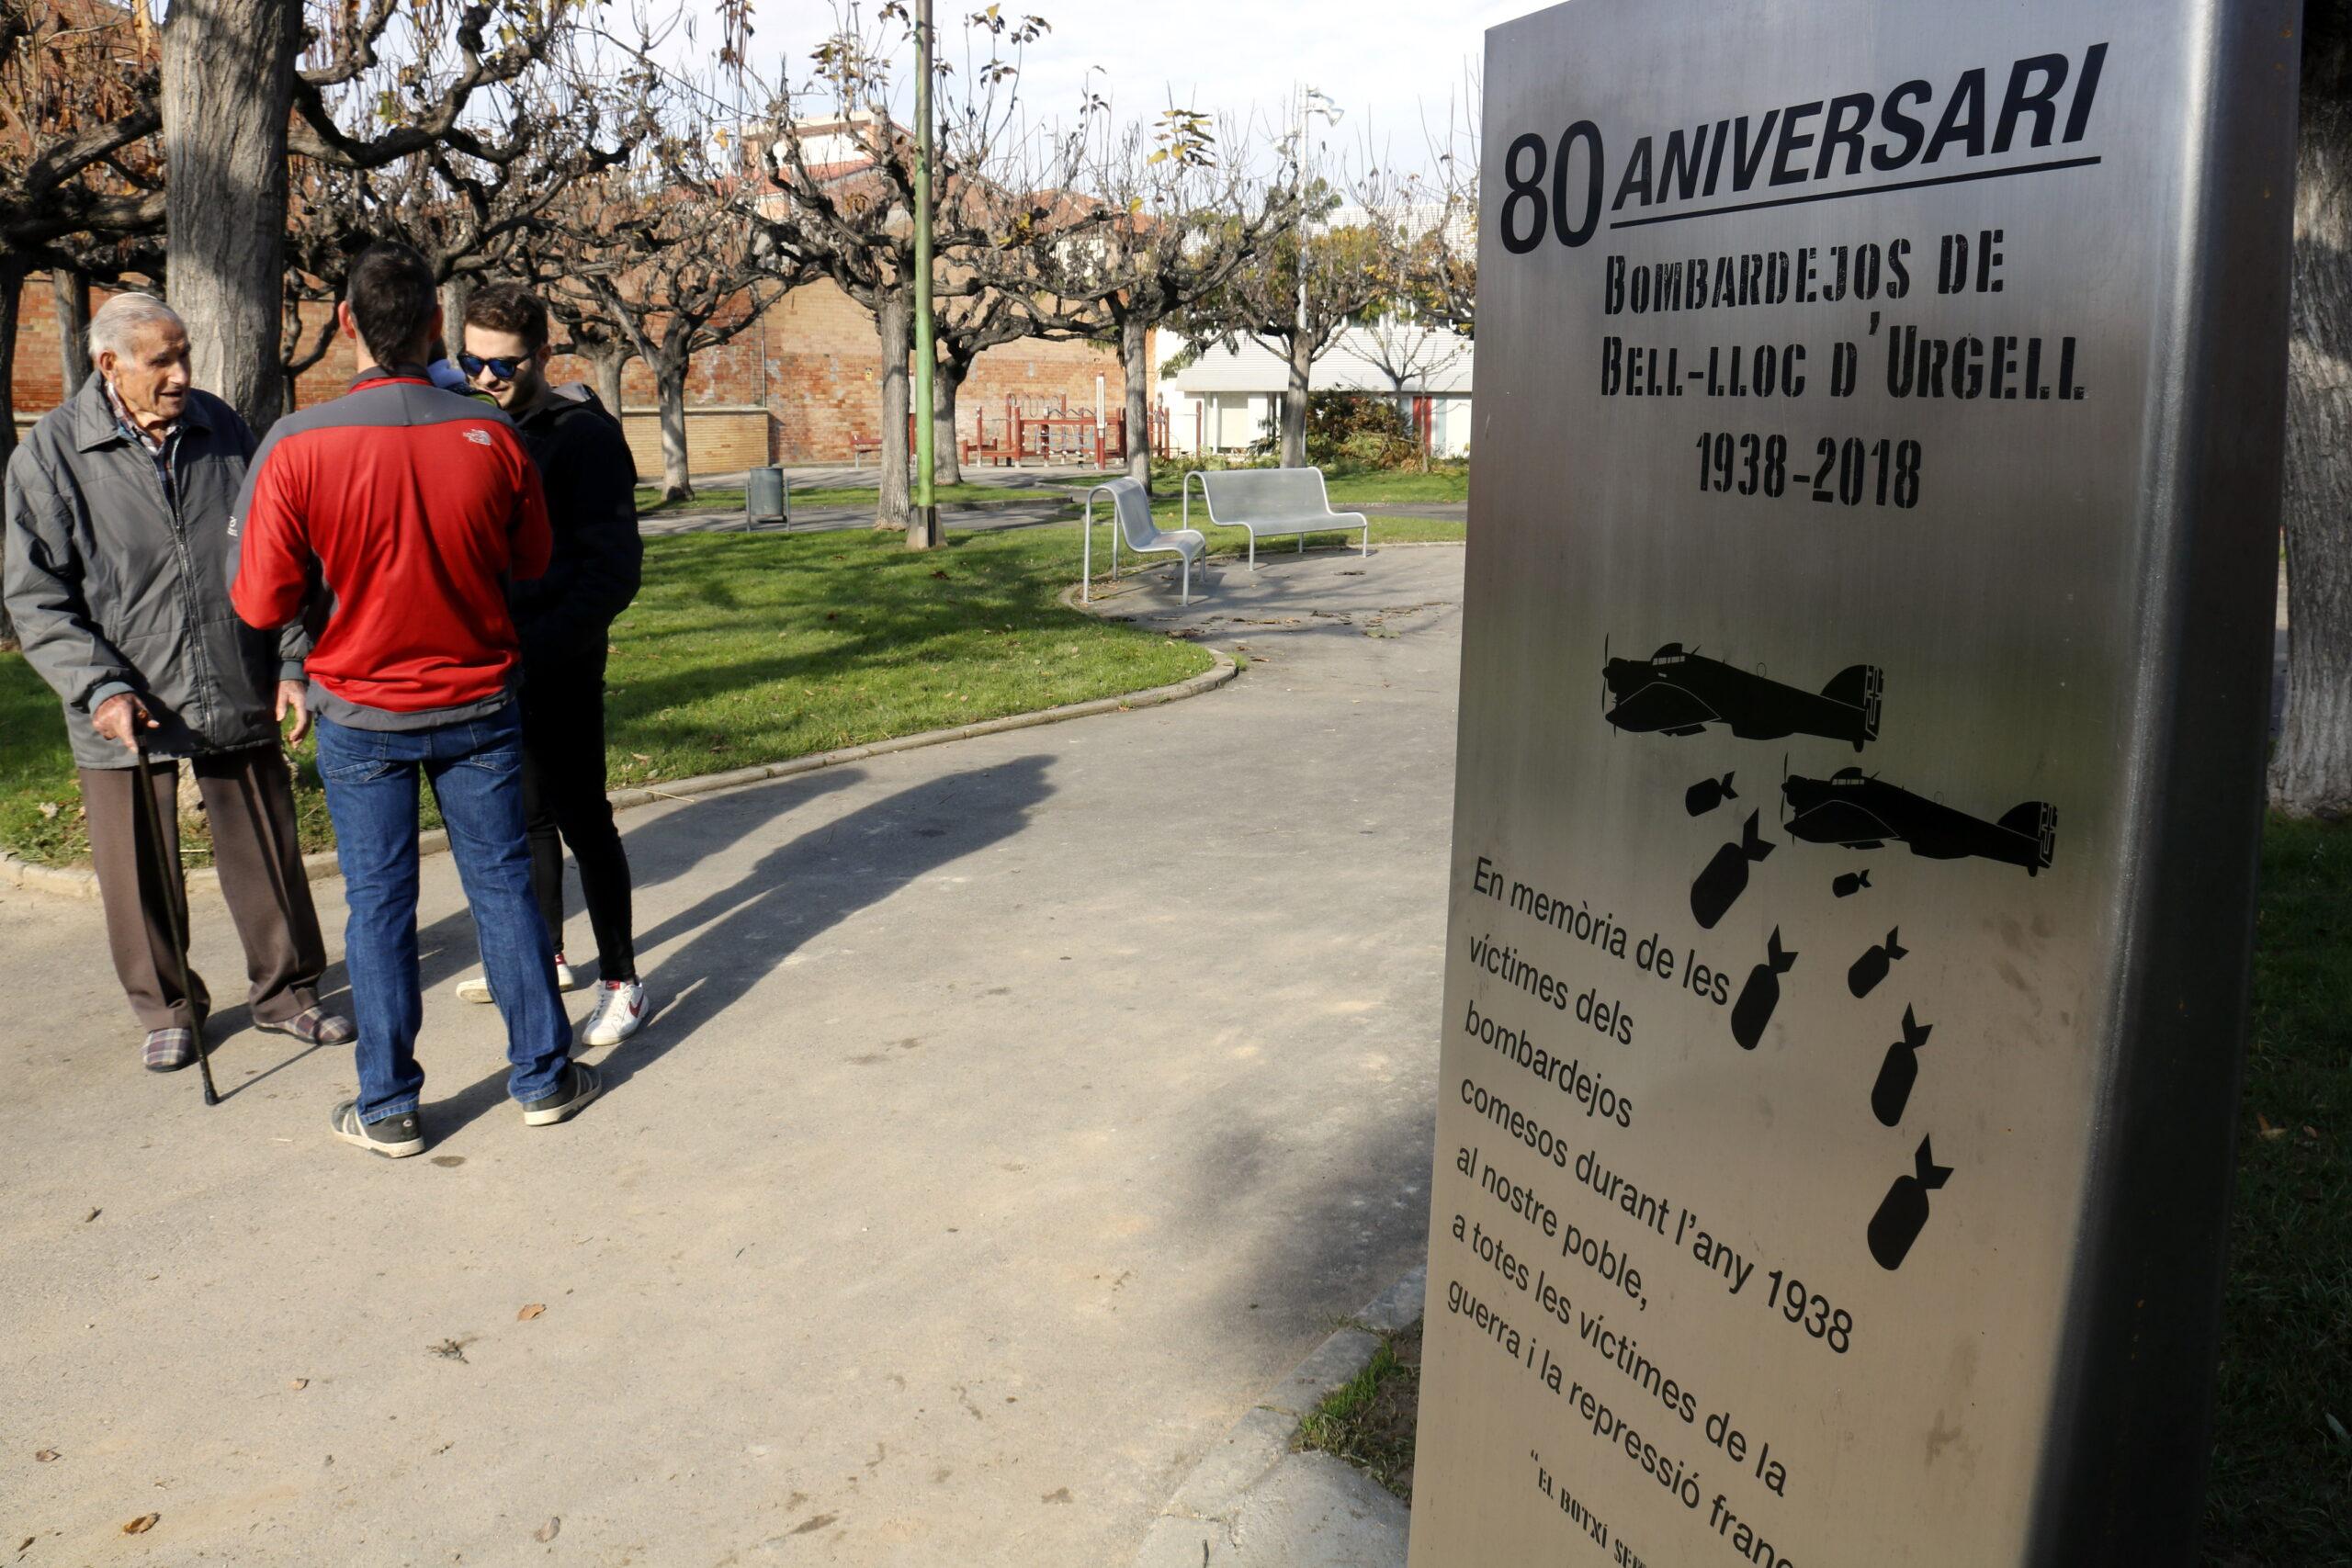 Pla mitjà on es pot veure en primer terme la placa commemorativa del 80è aniversari del bombardeig franquista a Bell-lloc d'Urgell, el 3 de desembre de 2018. (Horitzontal)